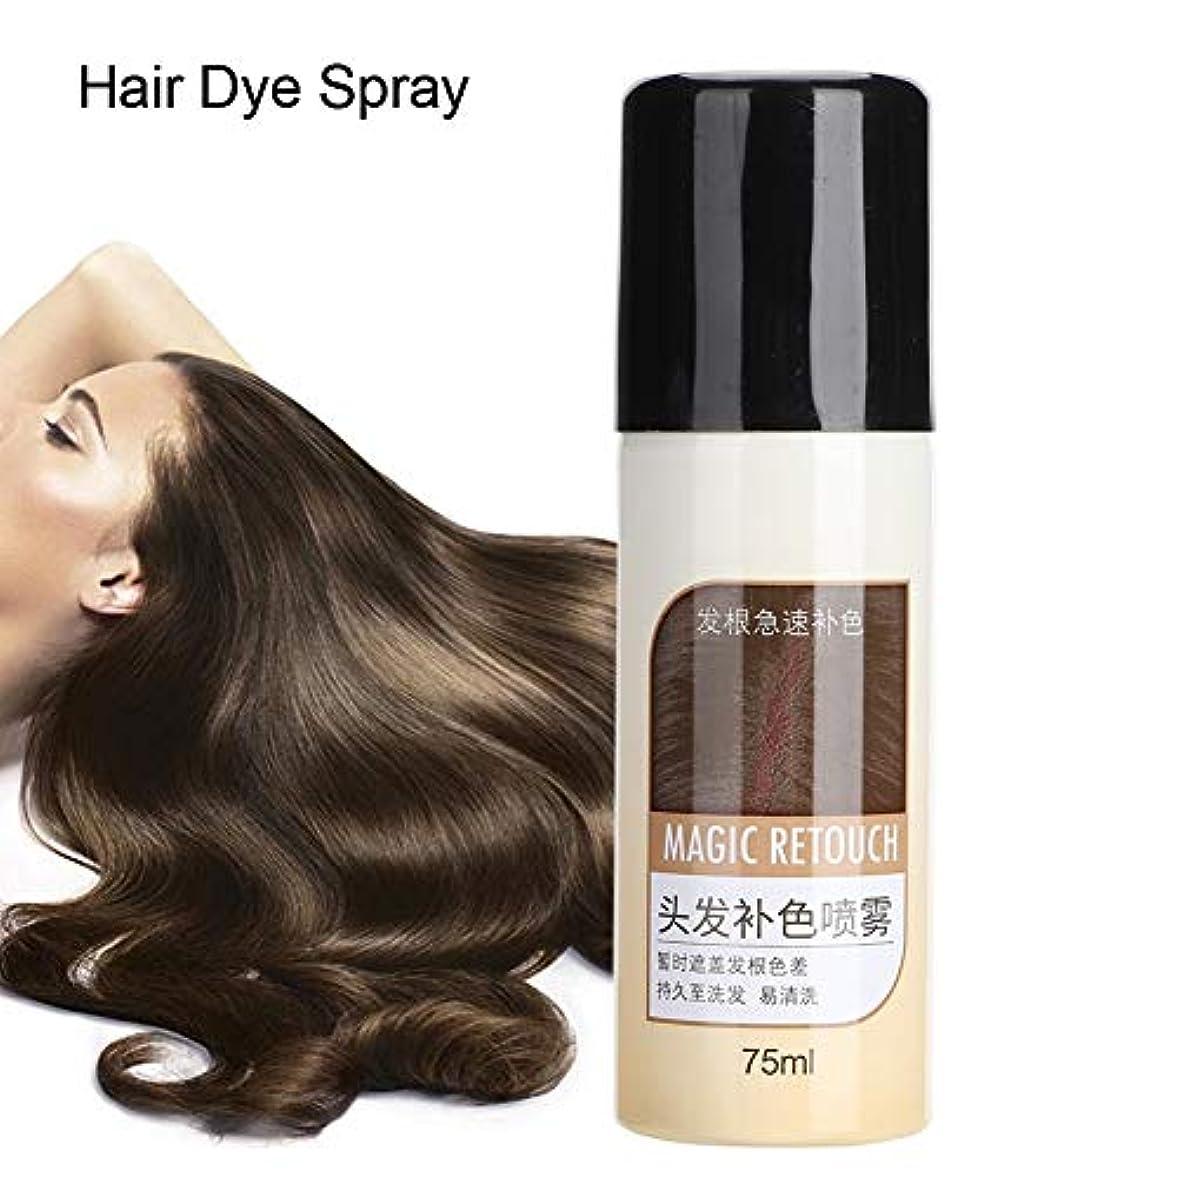 ボードずっと割り当てるヘアダイ、べたつかないマットヘアスタイル栄養補給用洗えるスプレーカバー白髪用長続きするカラー染料750ml (#1)